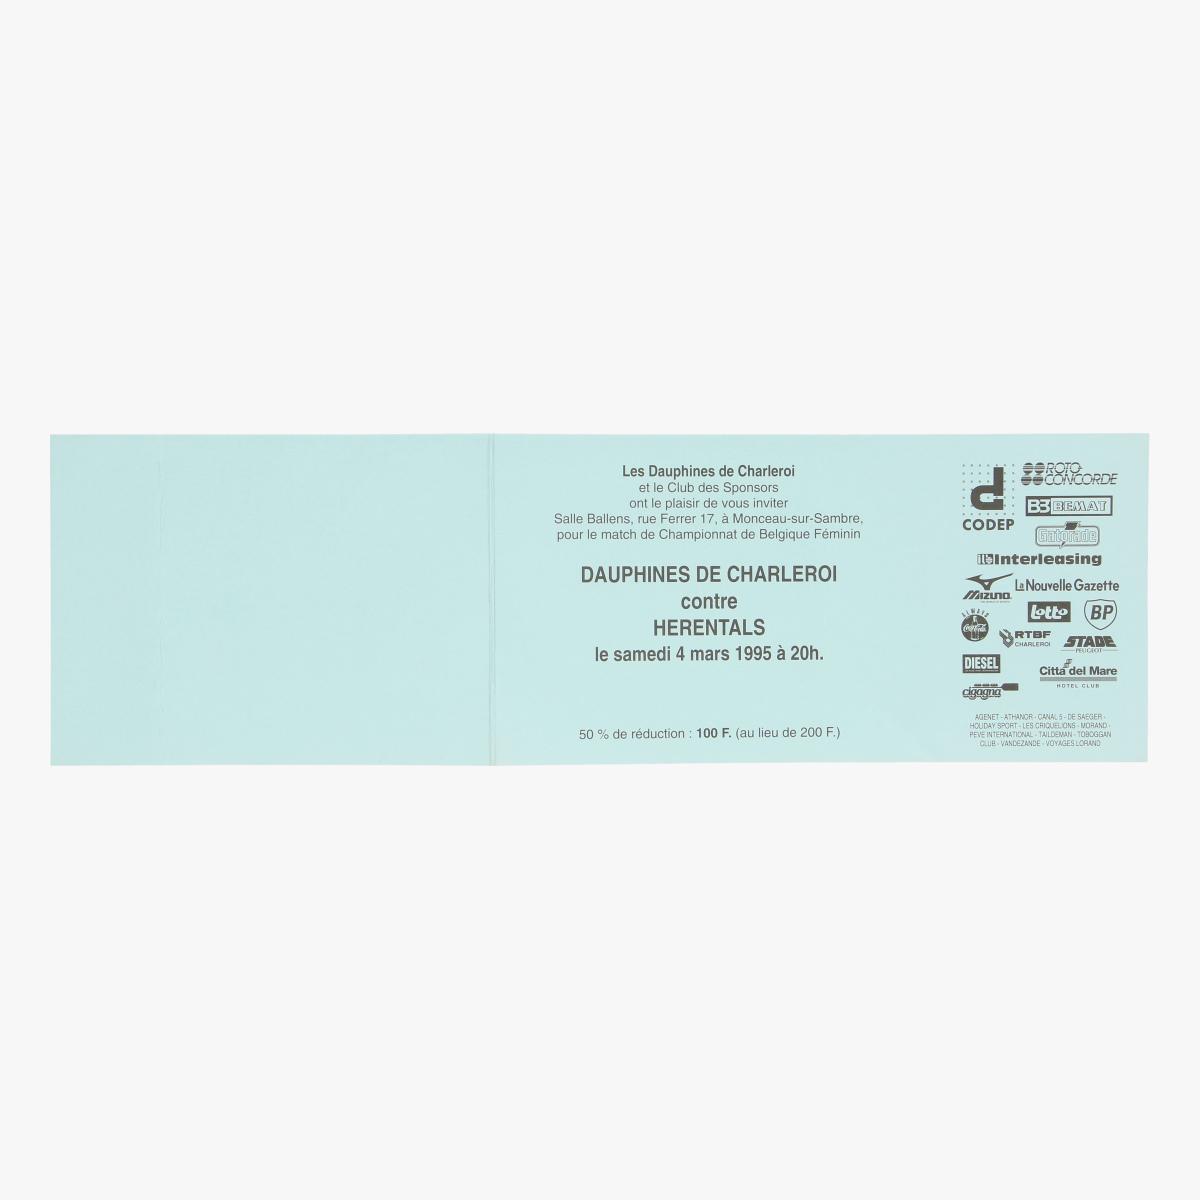 Afbeeldingen van ticket les dauphines de charleroi 4maart 1995